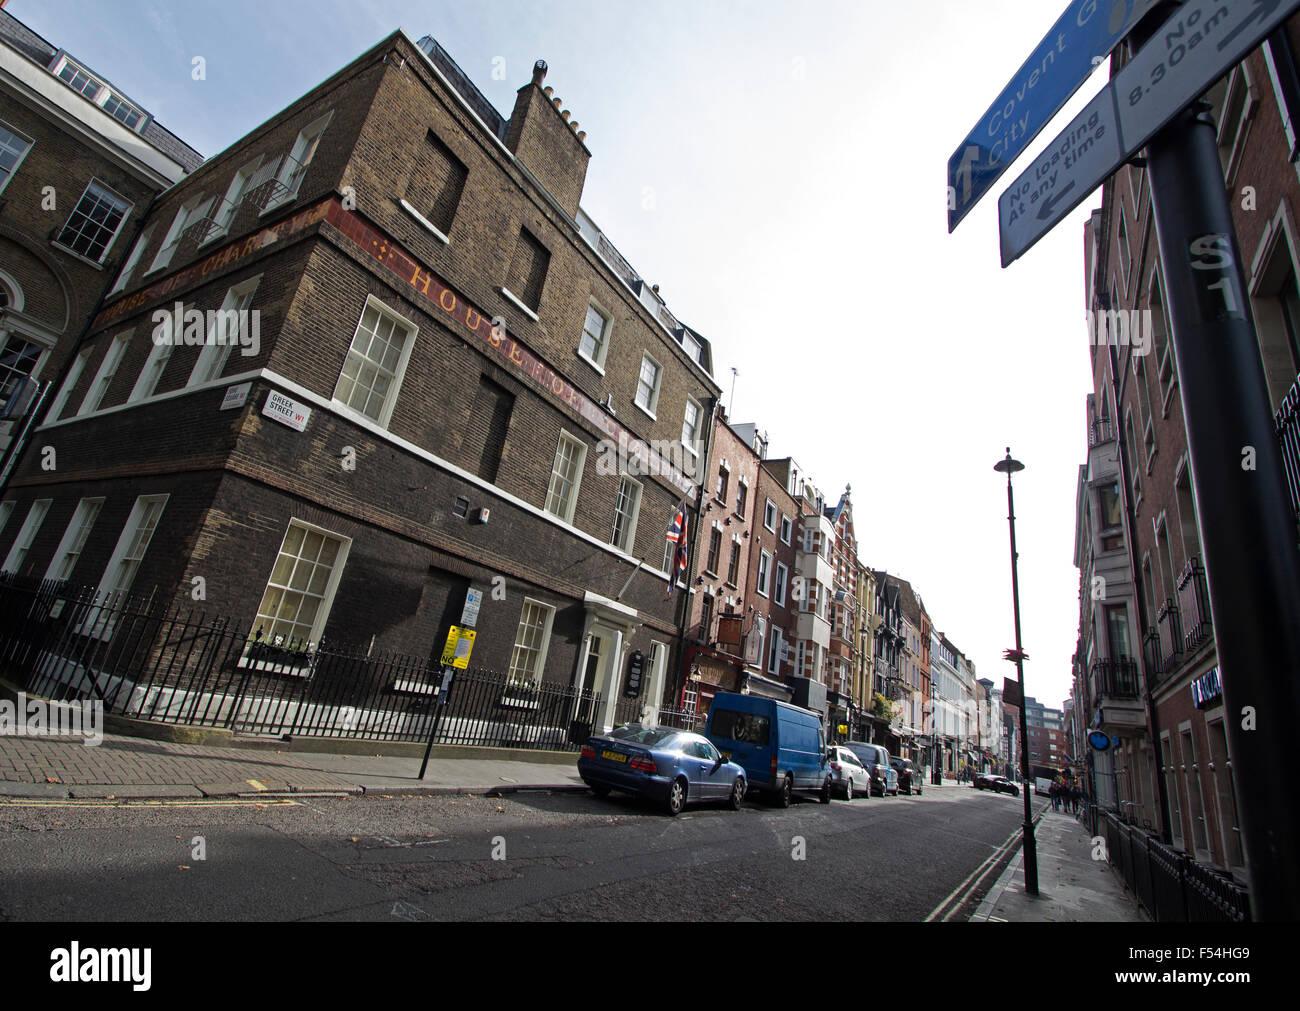 L'angolo di Greek Street e Soho Square in Soho Central London fotografato ampio angolo Immagini Stock